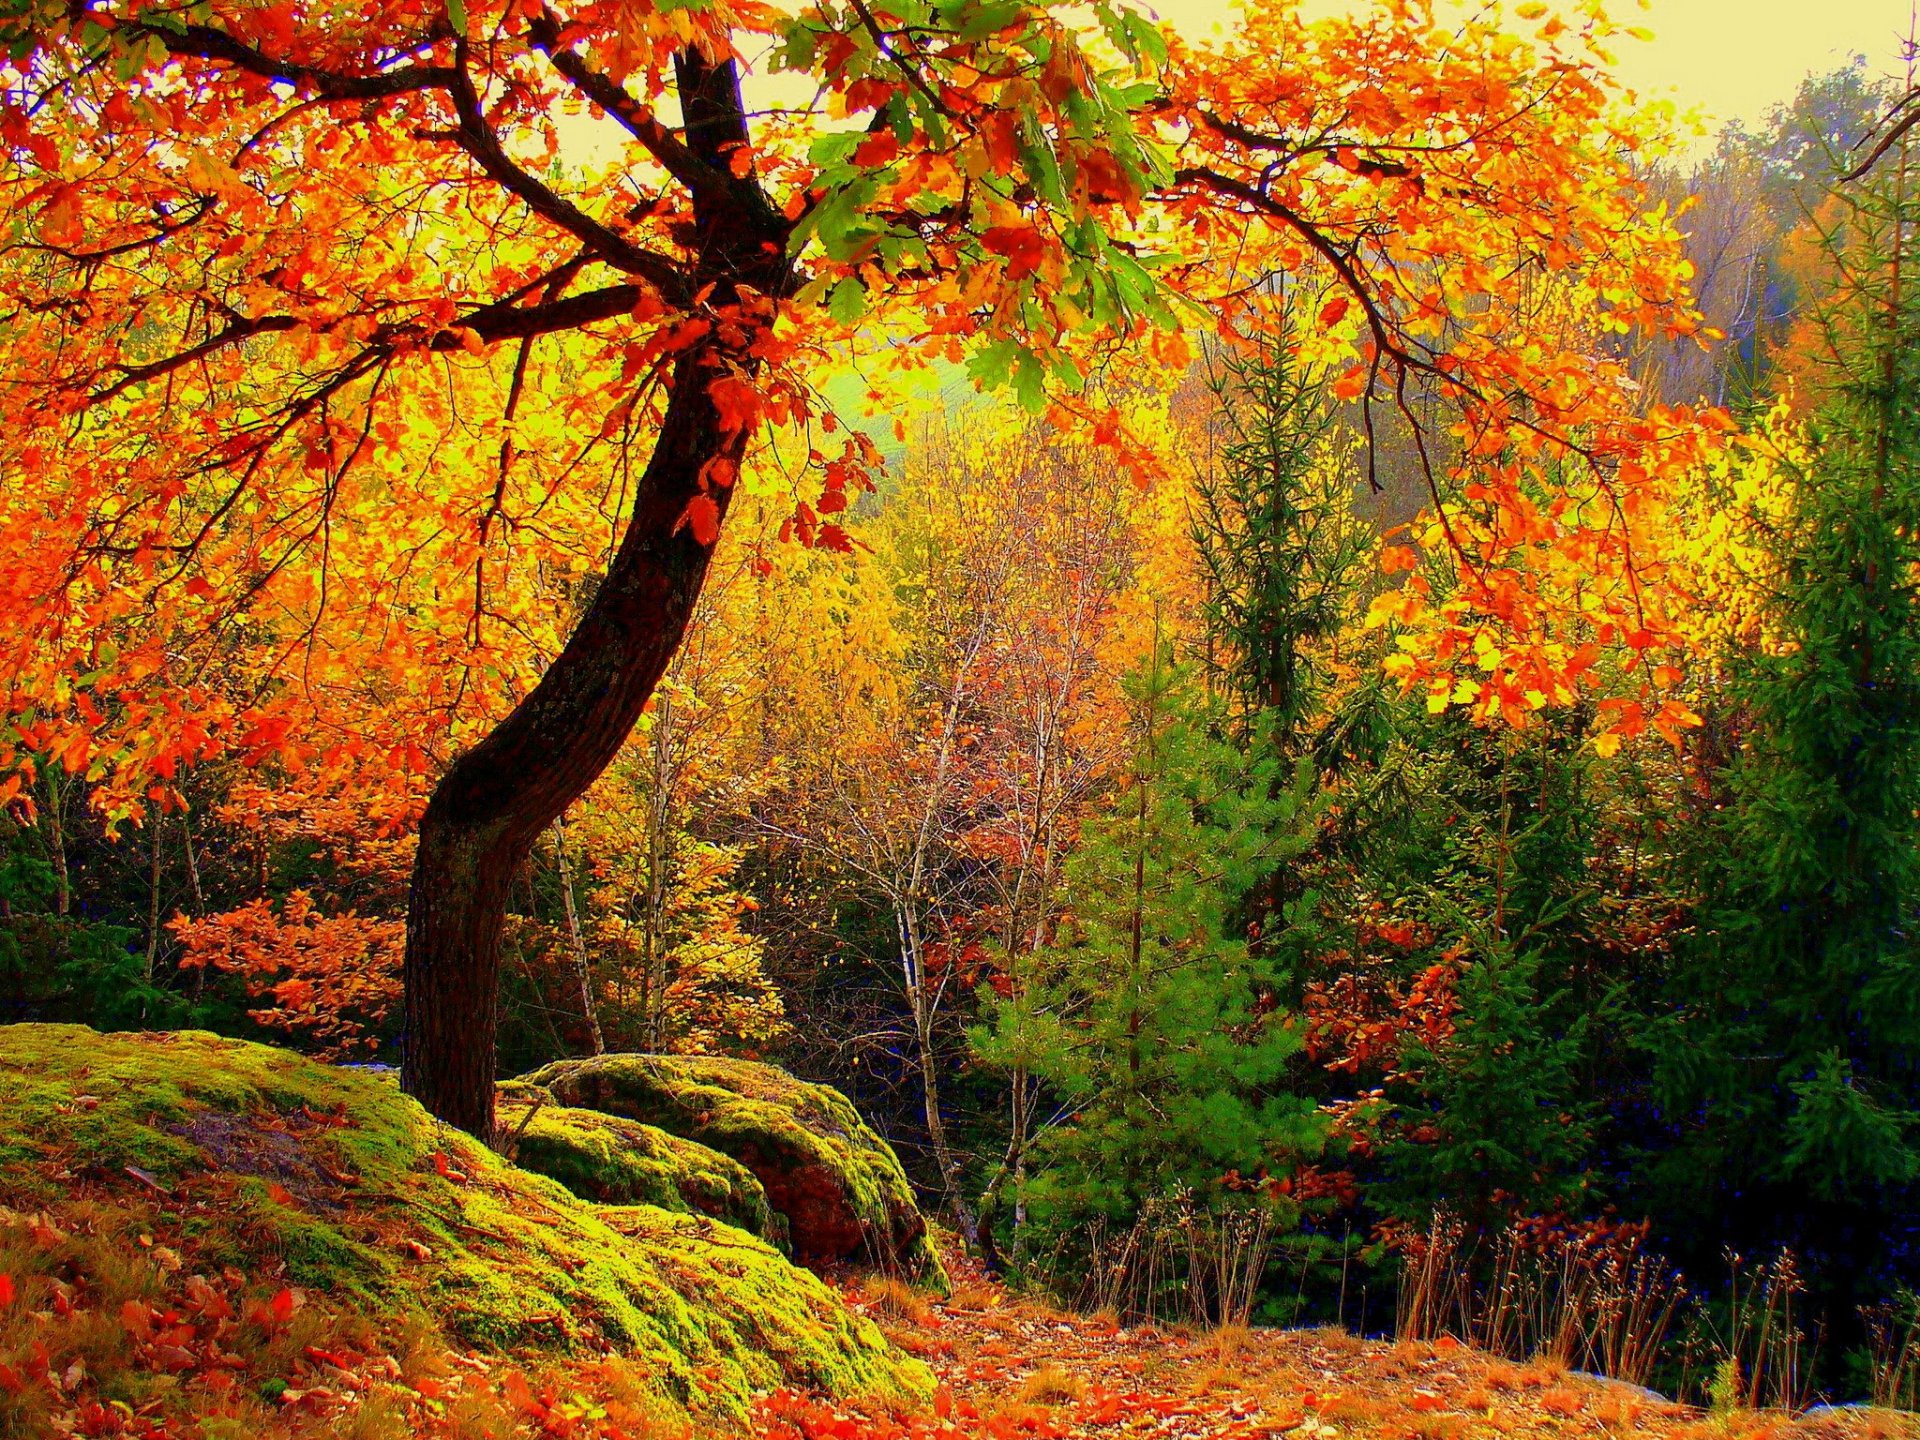 напоминает слитный фото природа осеннего леса стиле неоклассики присущим